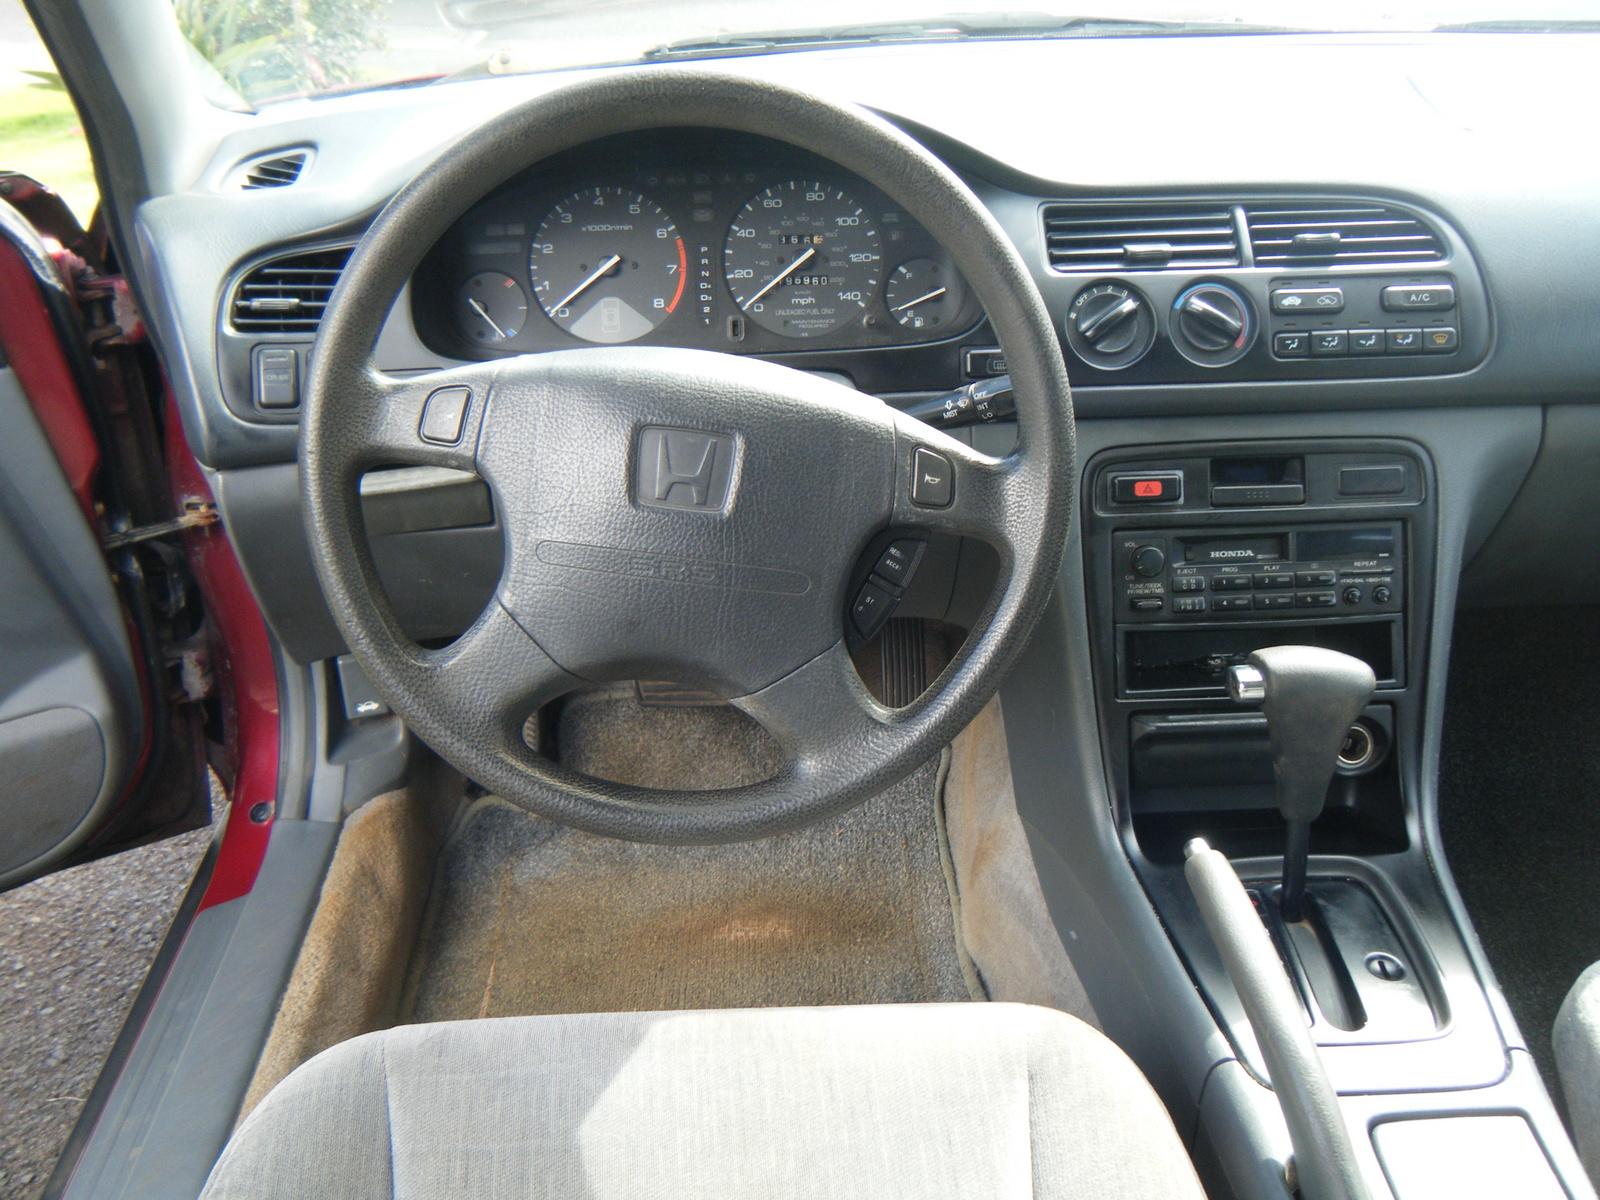 1994 honda accord interior pictures cargurus